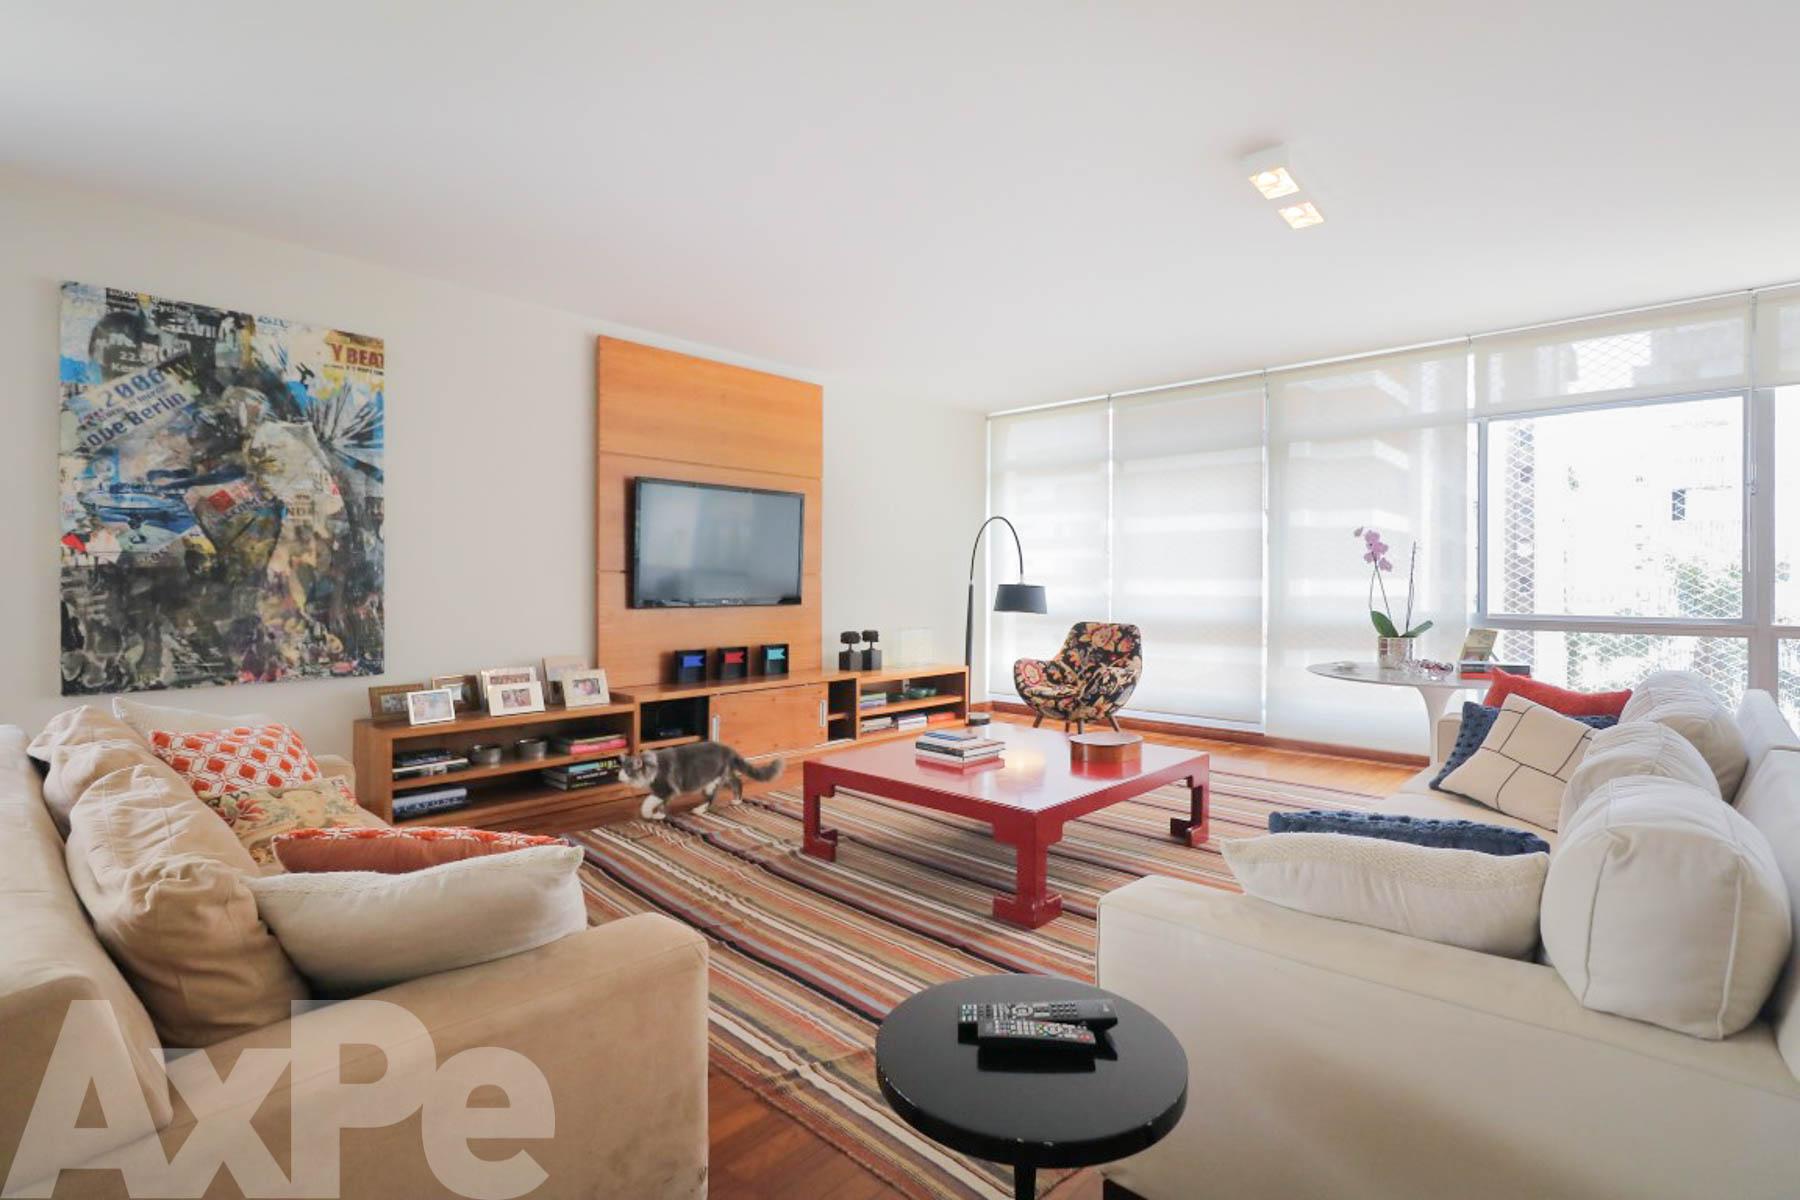 Axpe Apartamento - AX146681